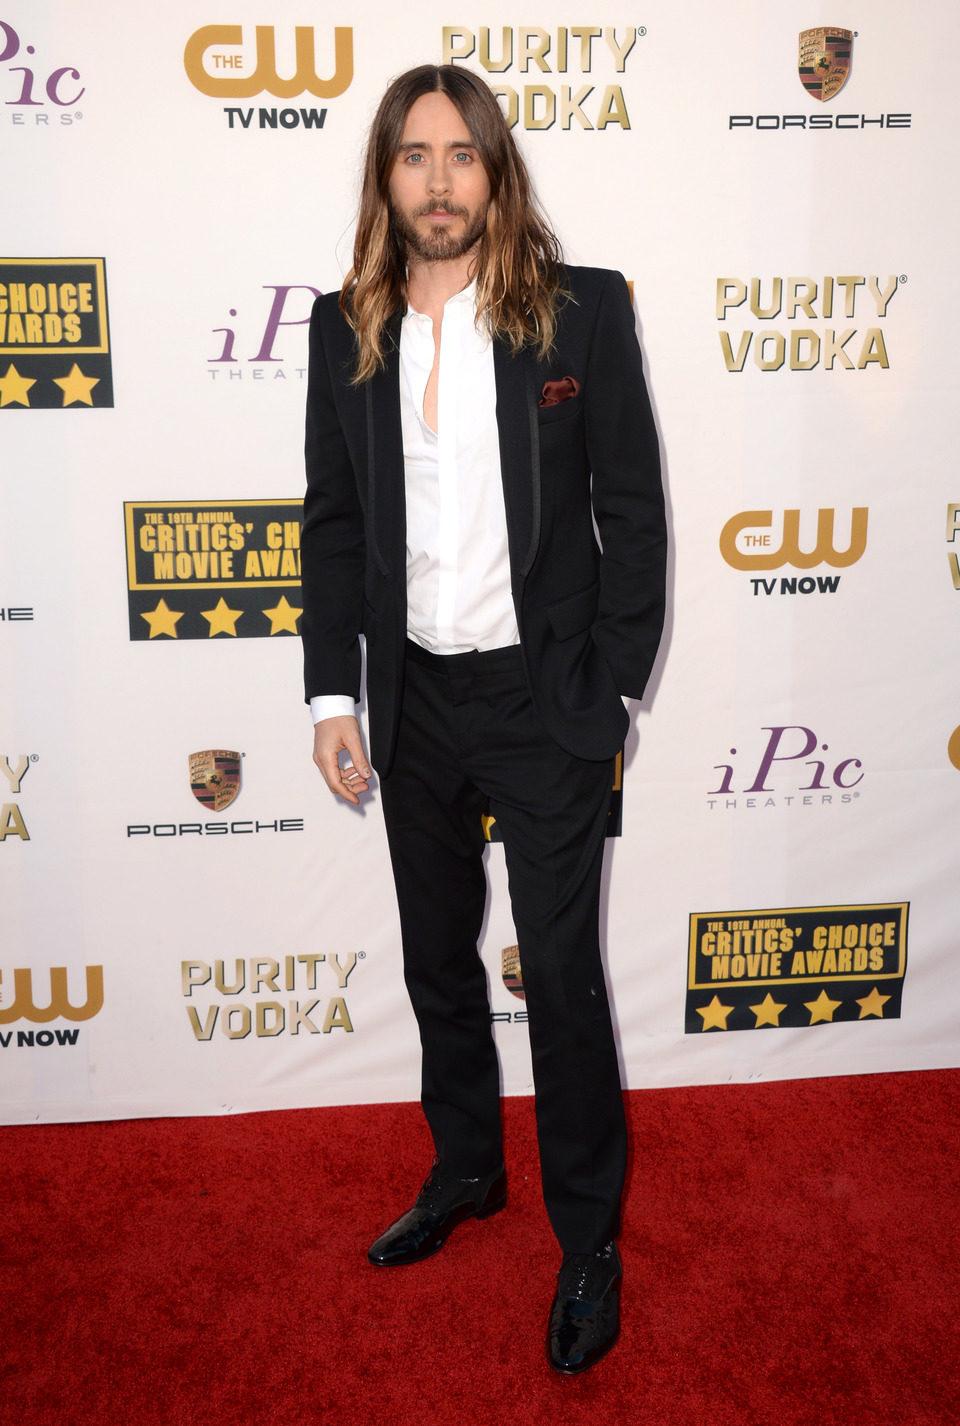 Jared Leto a su llegada a la gala de los Critics' Choice Movie Awards 2014